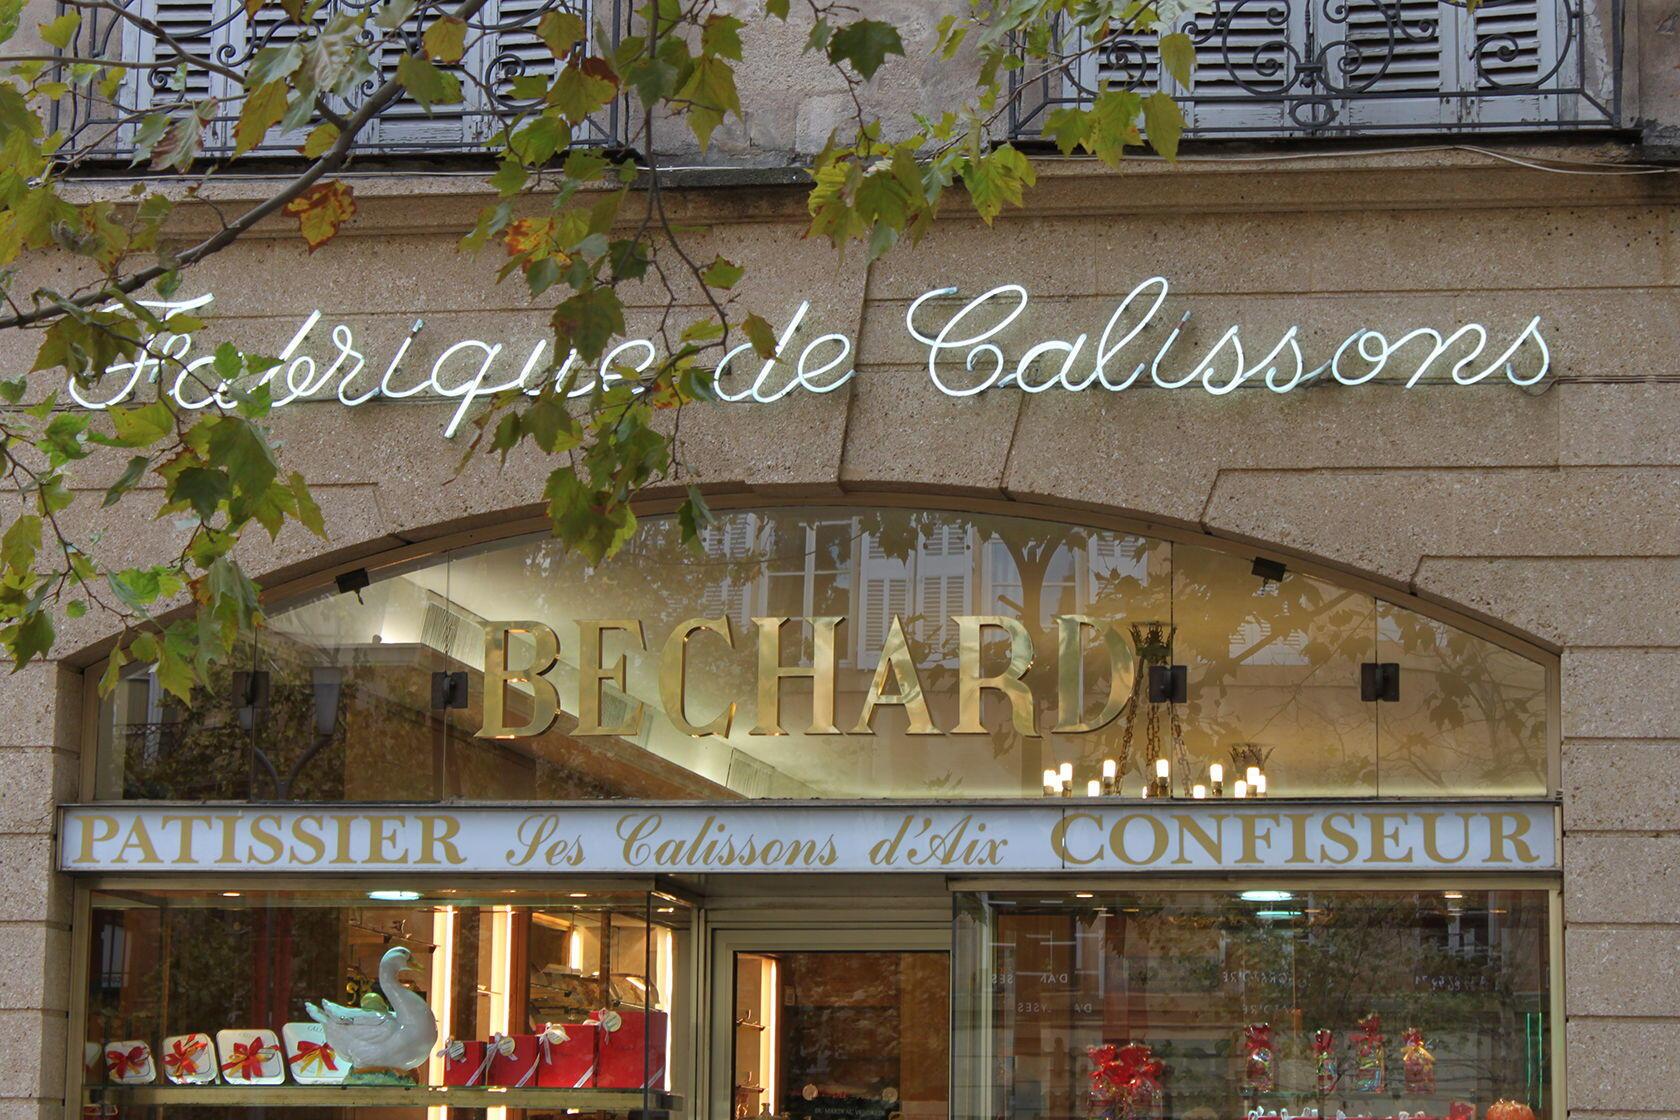 Living Aix-en-Provence Patisserie Bechard